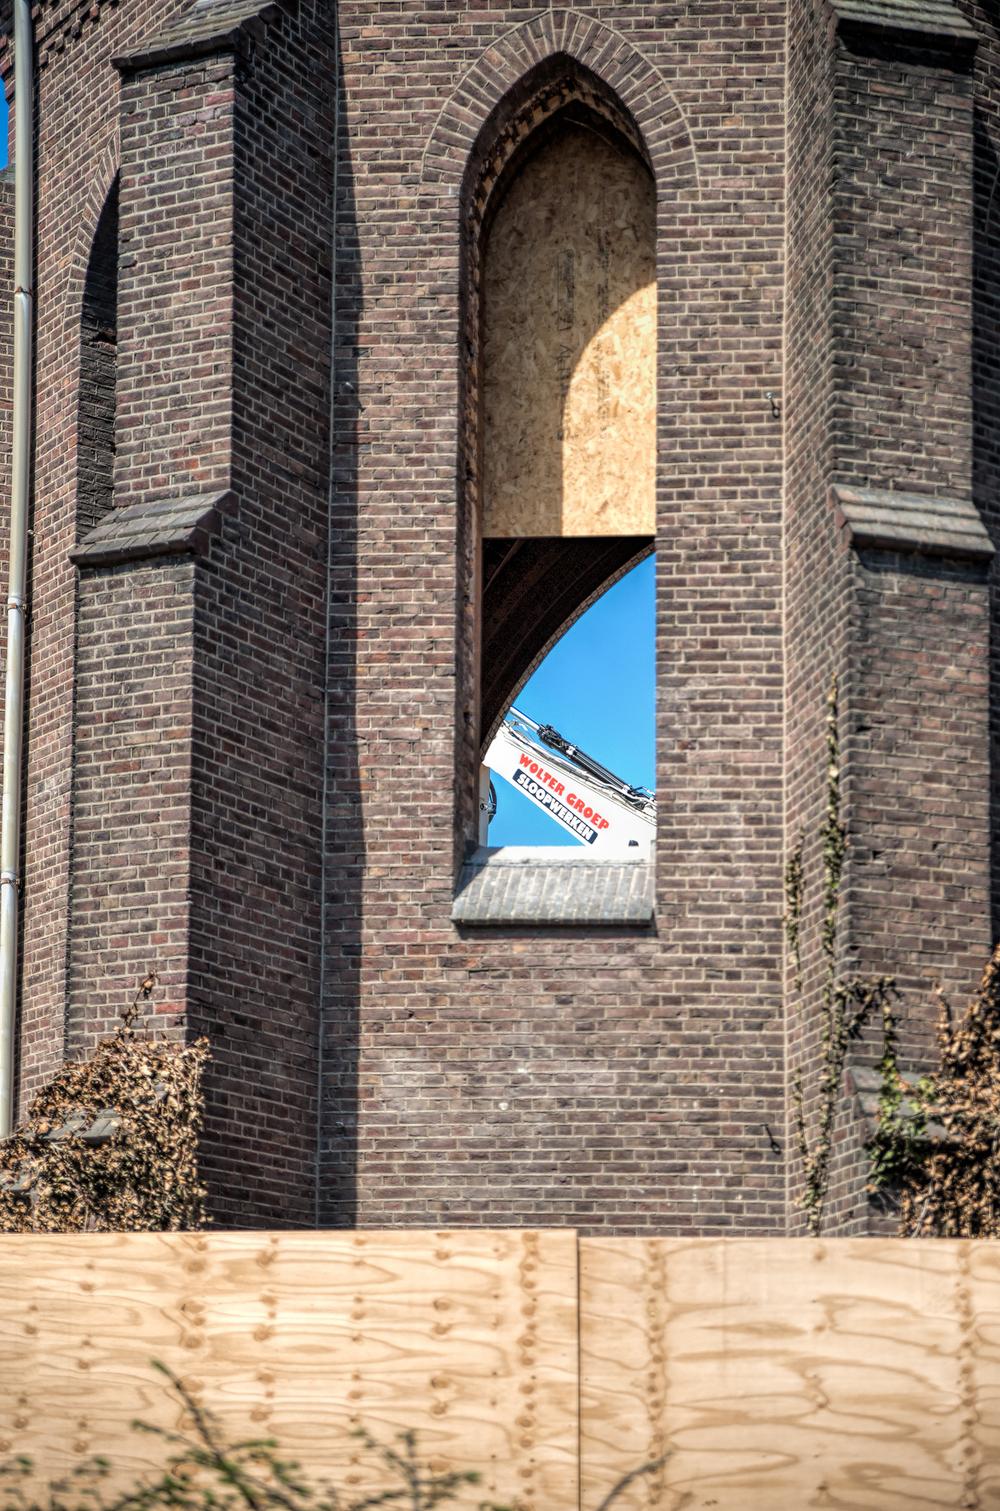 Rector_Driessenstraat-109.jpg